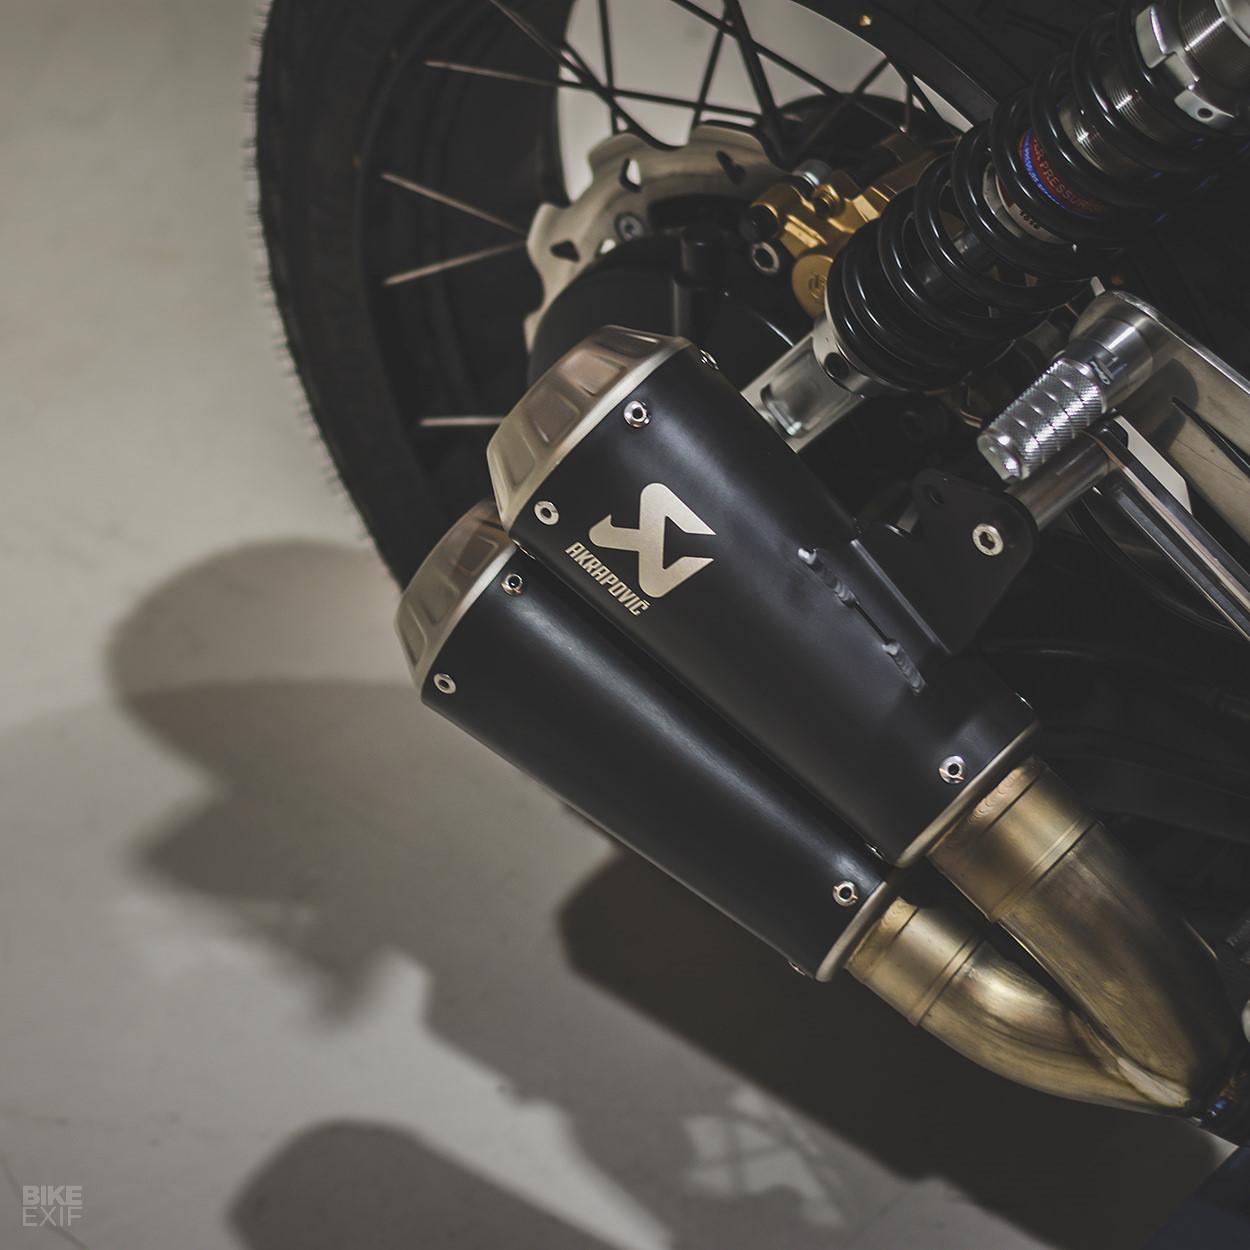 Mẫu độ BMW K100 Cafe racer mới nhất từ Bolt Motor Ảnh 9